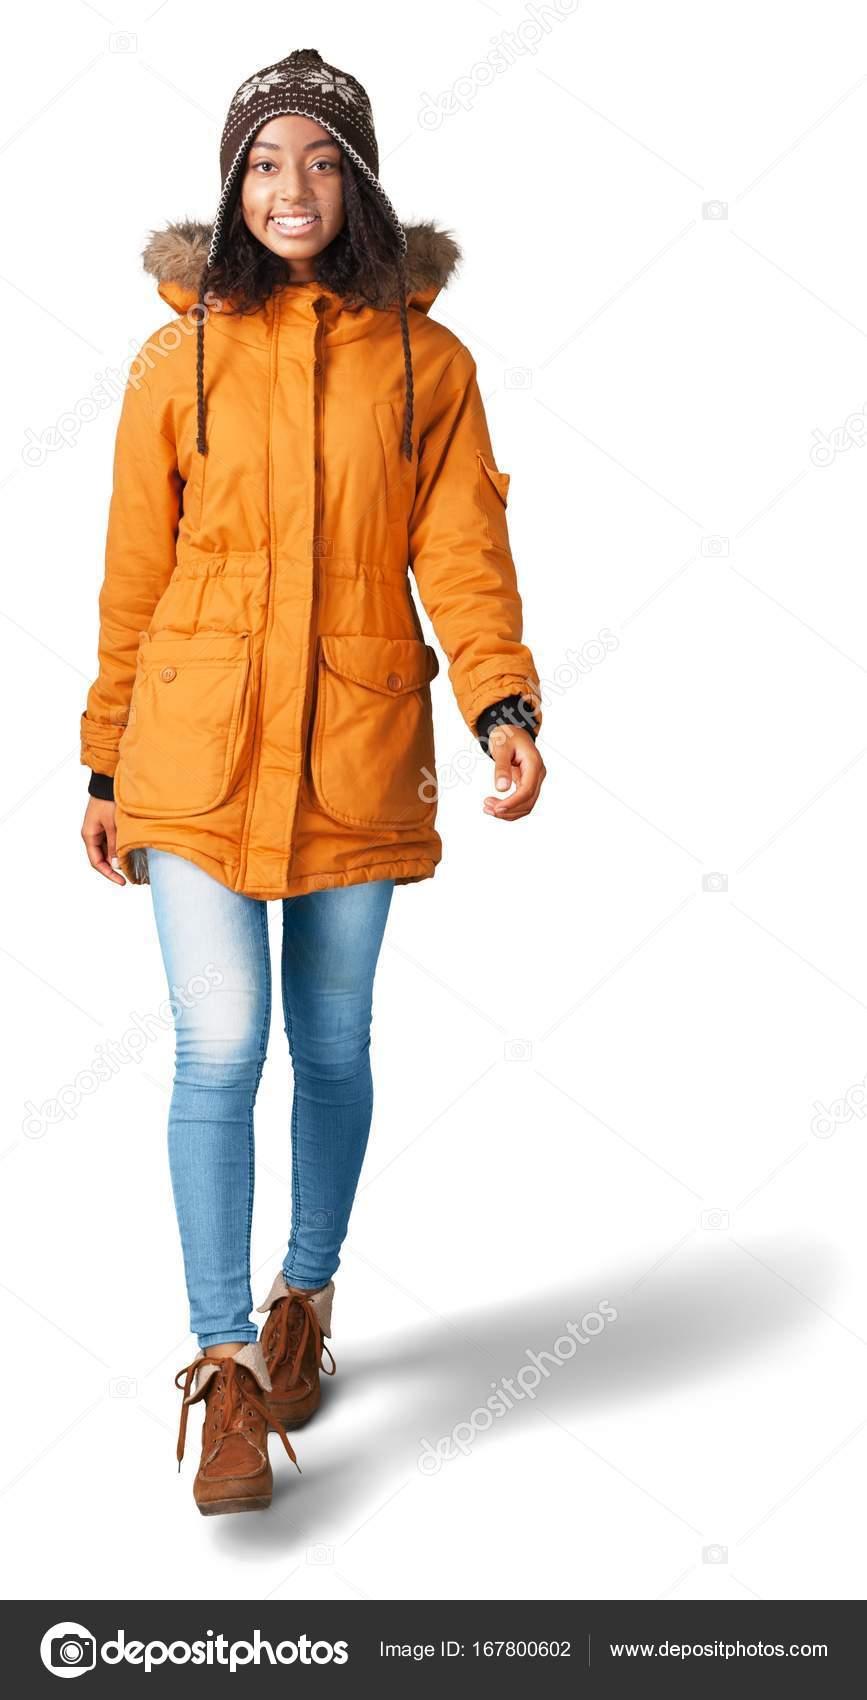 competitive price 6a3a4 2d966 Donna Africana Cappotto Arancione Isolato Priorità Bassa ...